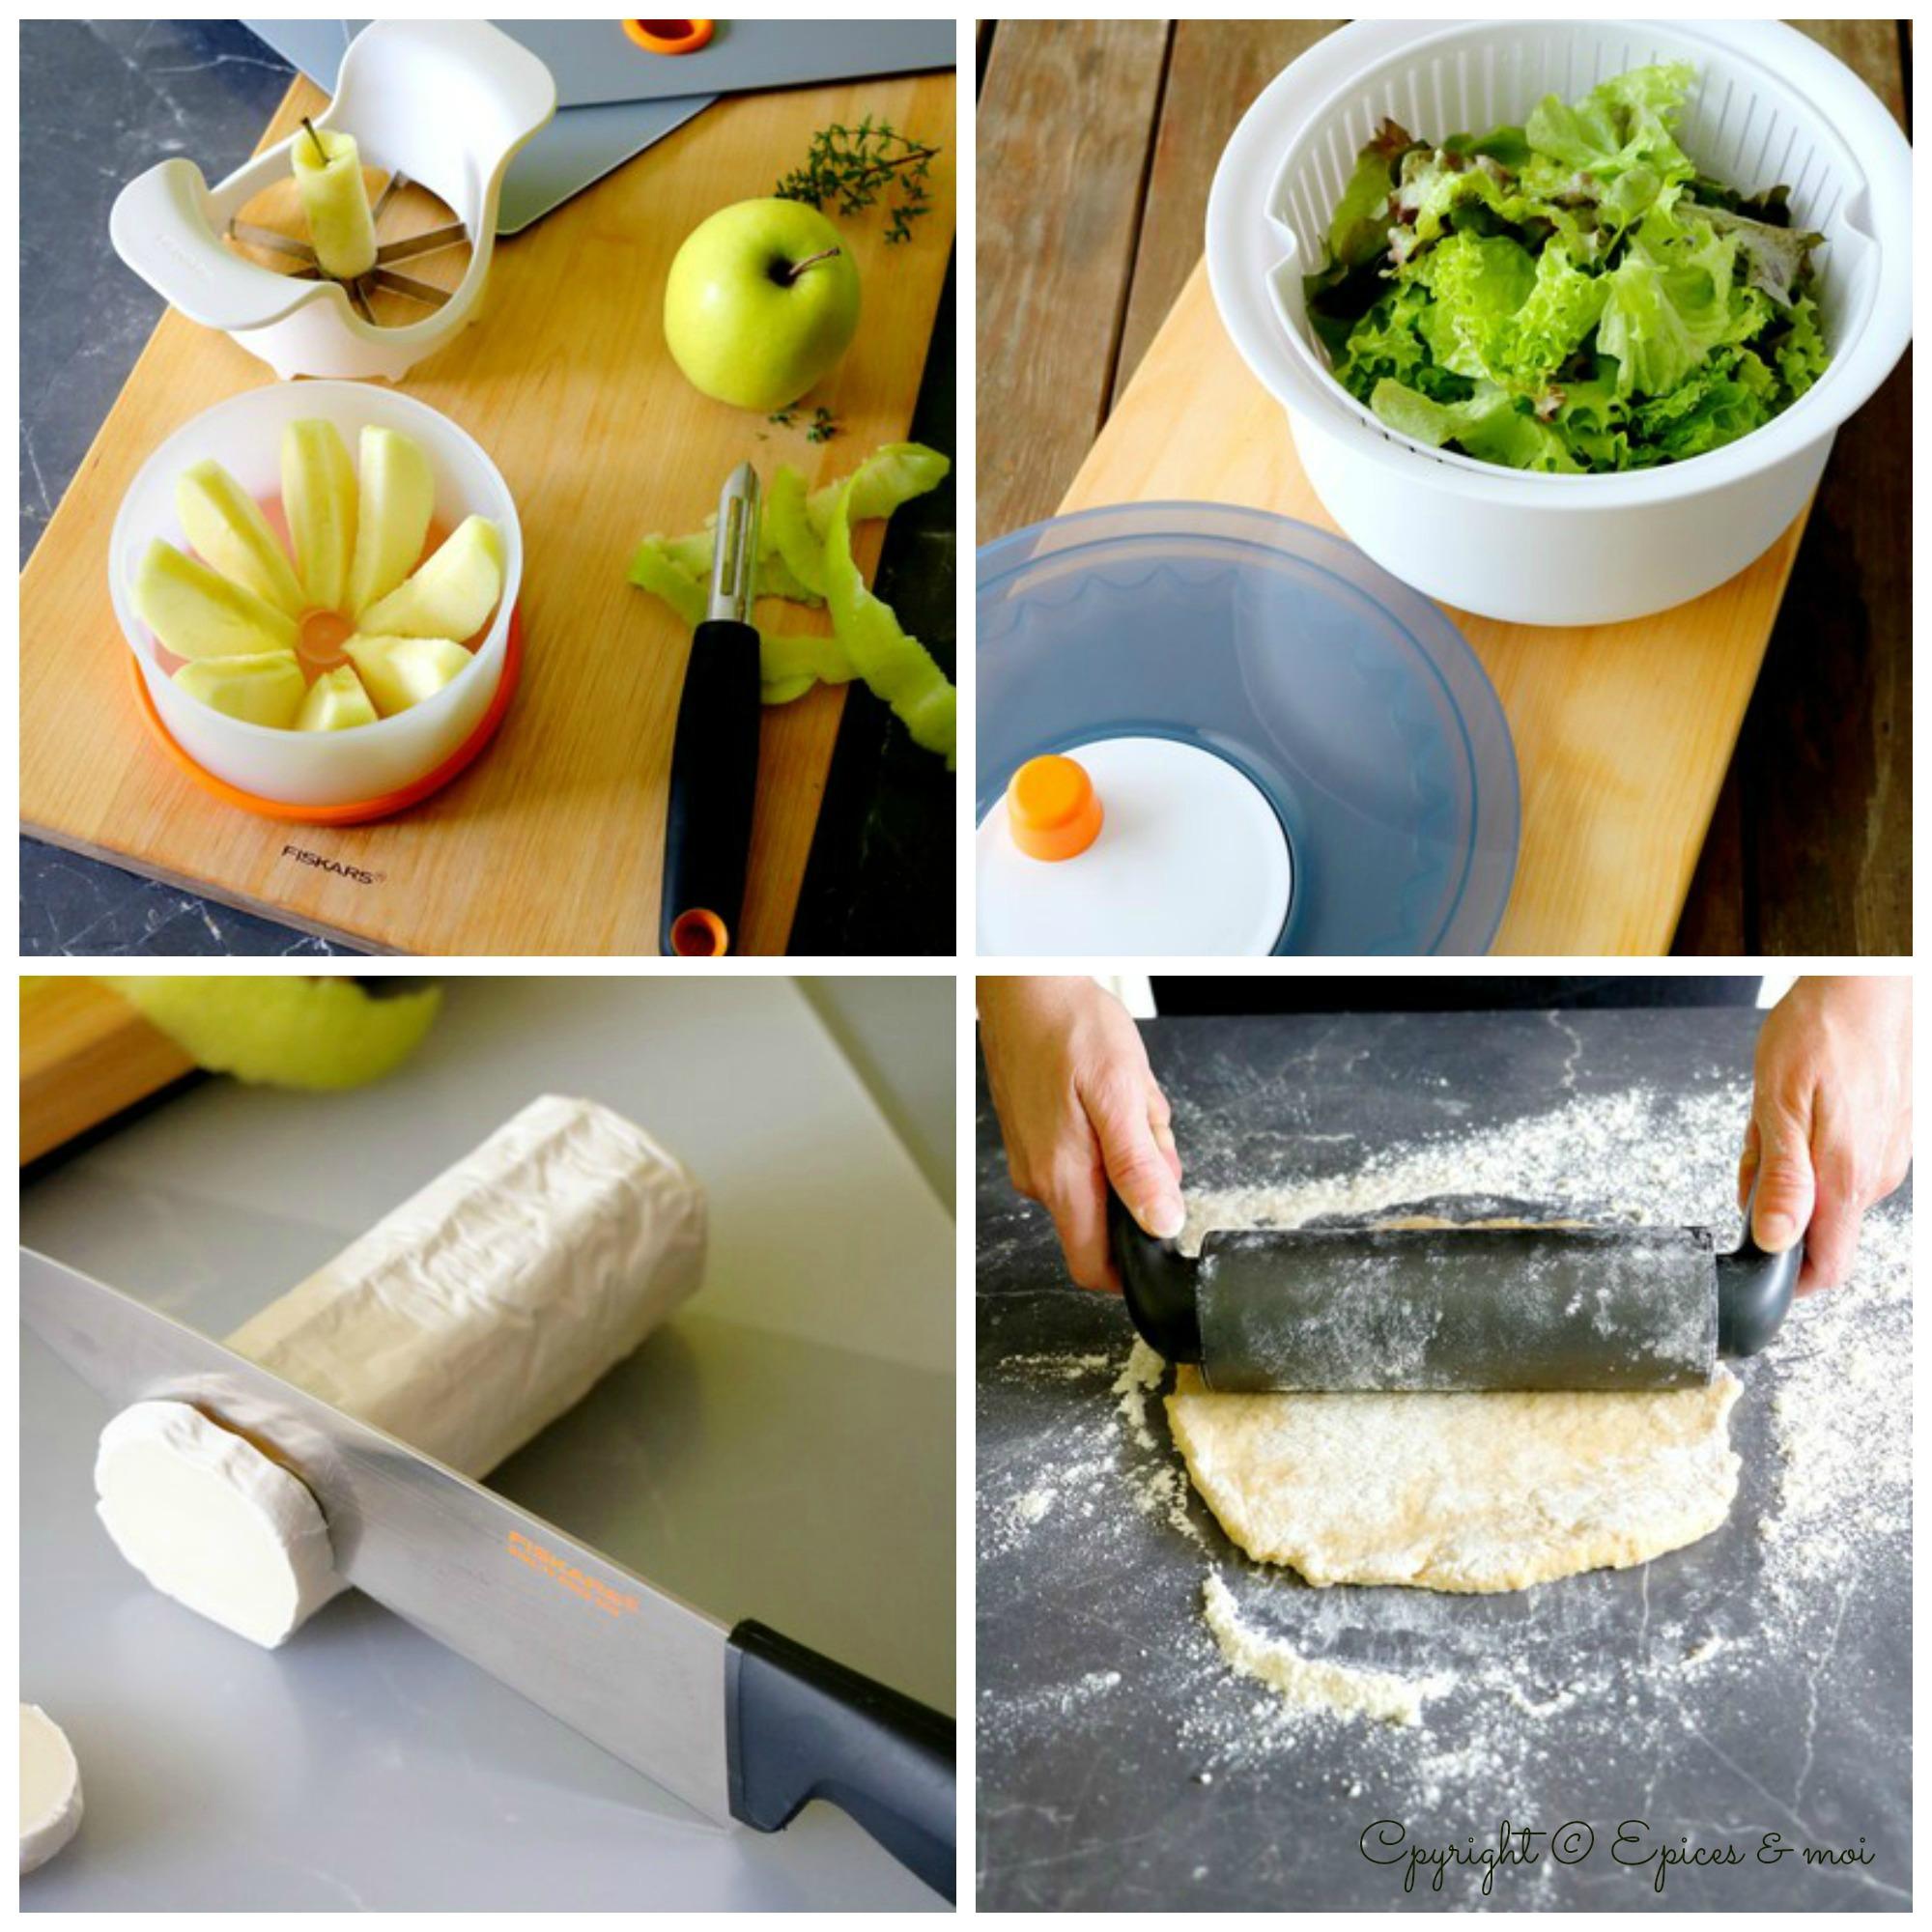 epices-moi-tarte-pommes-chevre-2